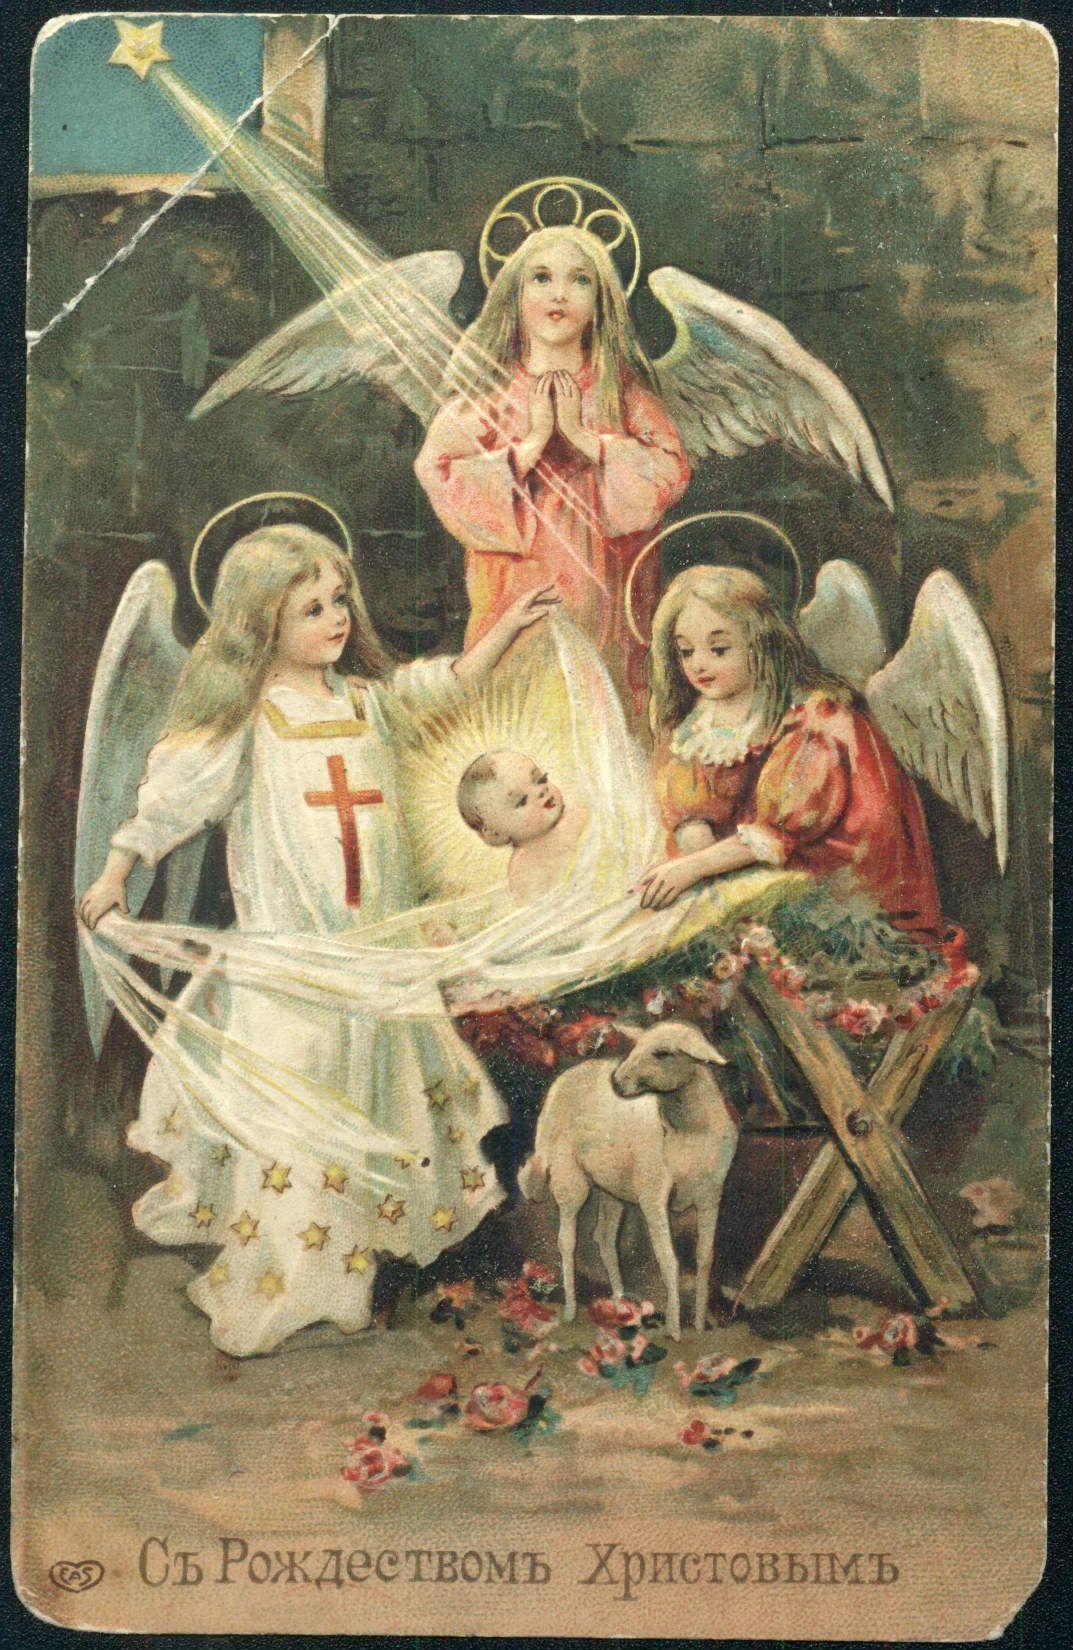 Антикварные открытки с рождеством христовым, цветочных букетов девушки